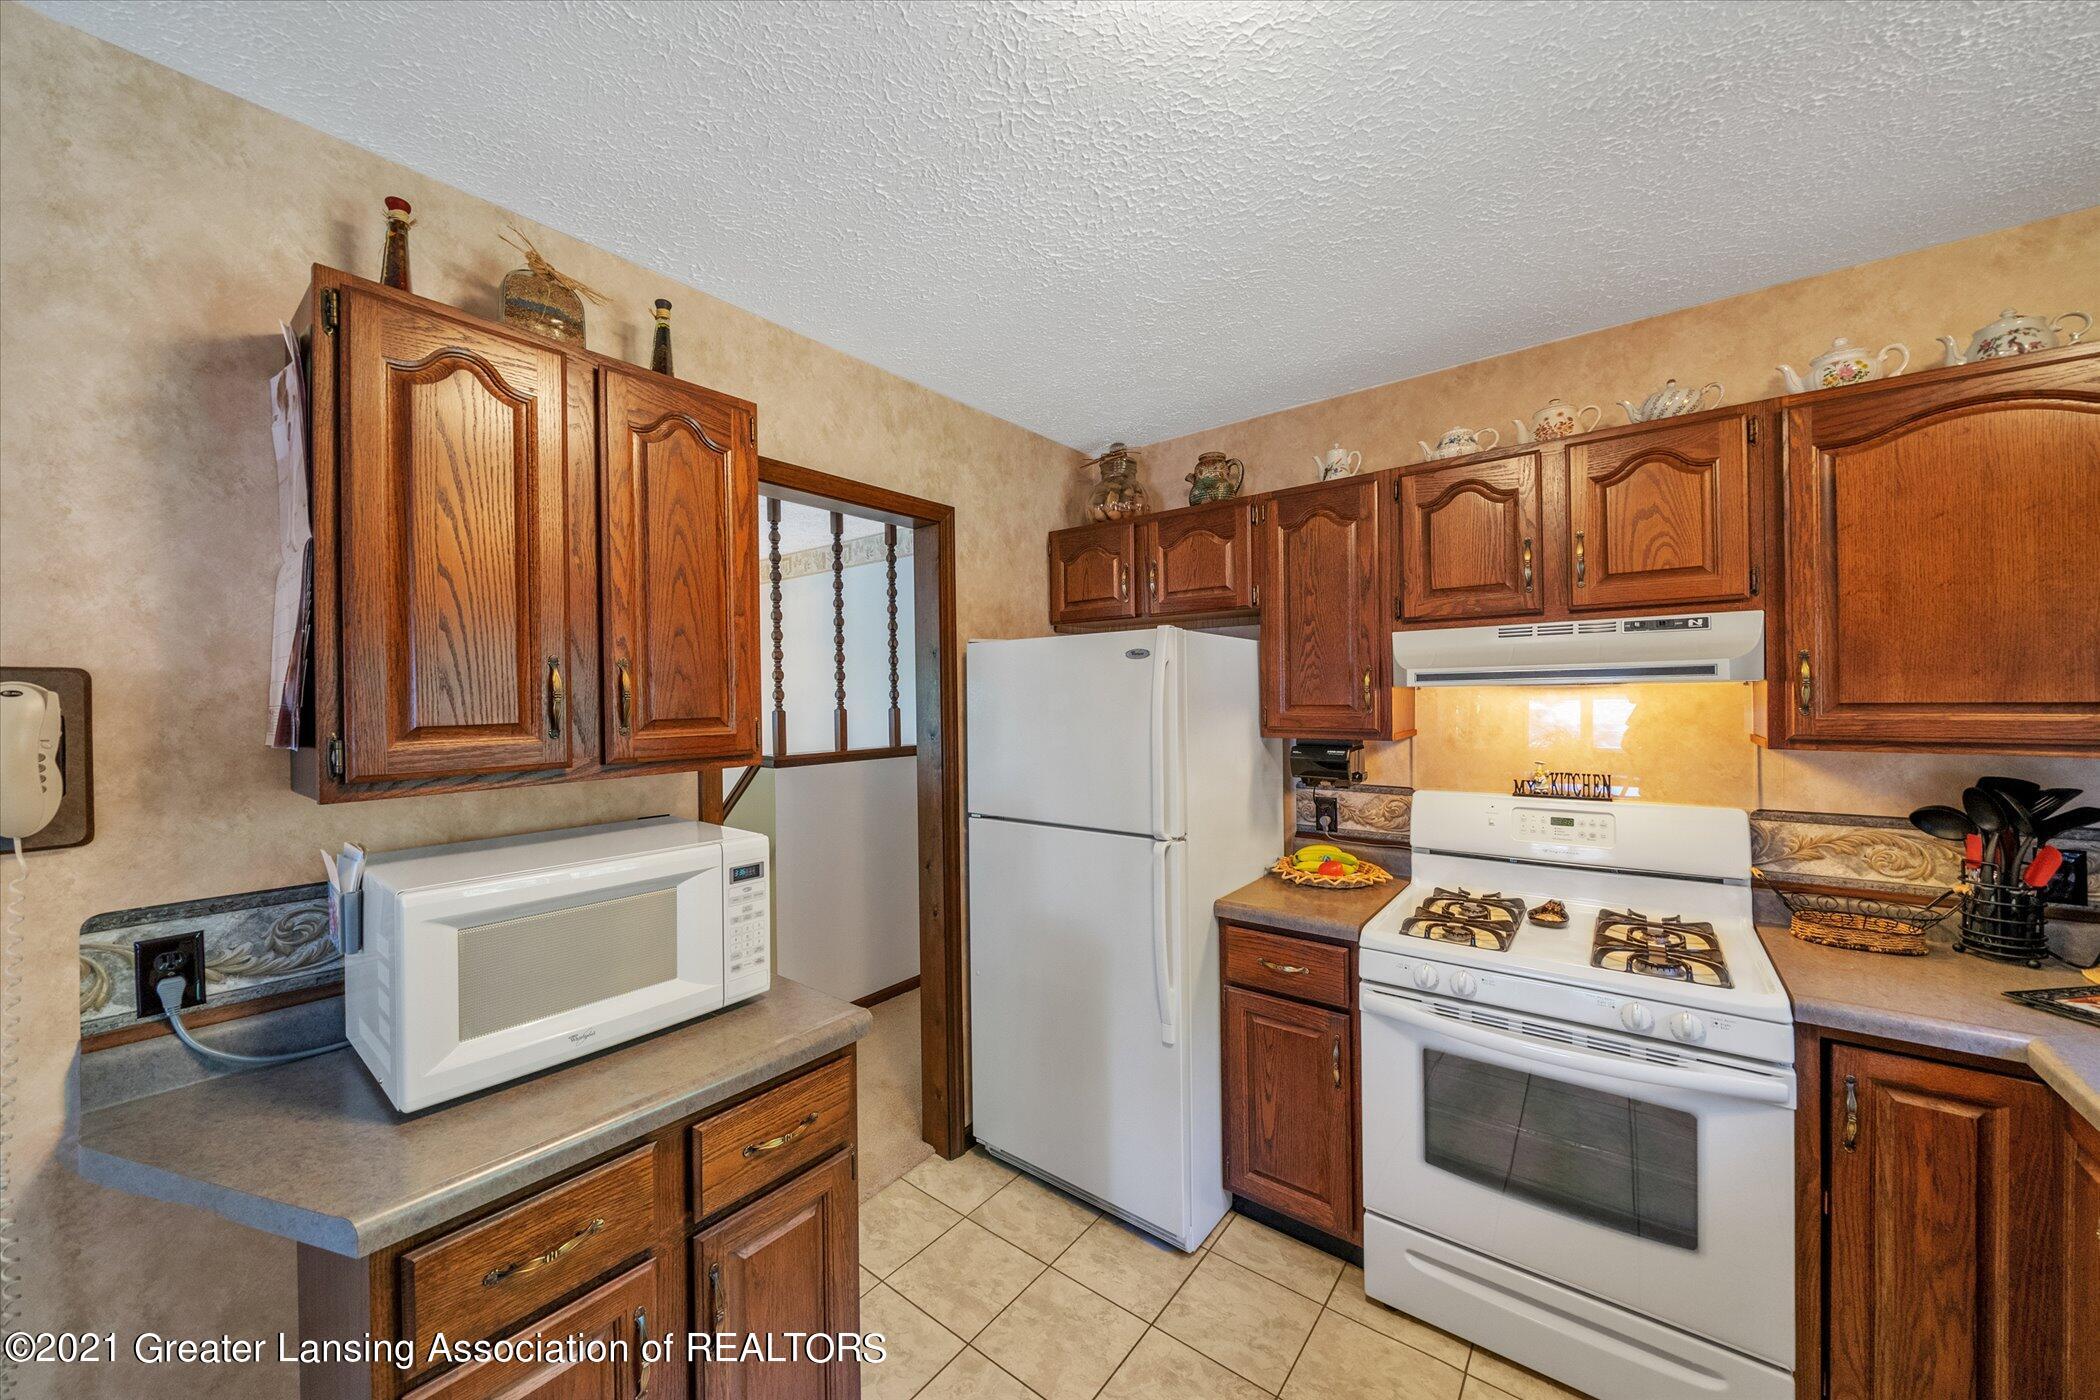 7851 S Cochran Rd - (15) MAIN FLOOR Kitchen - 15